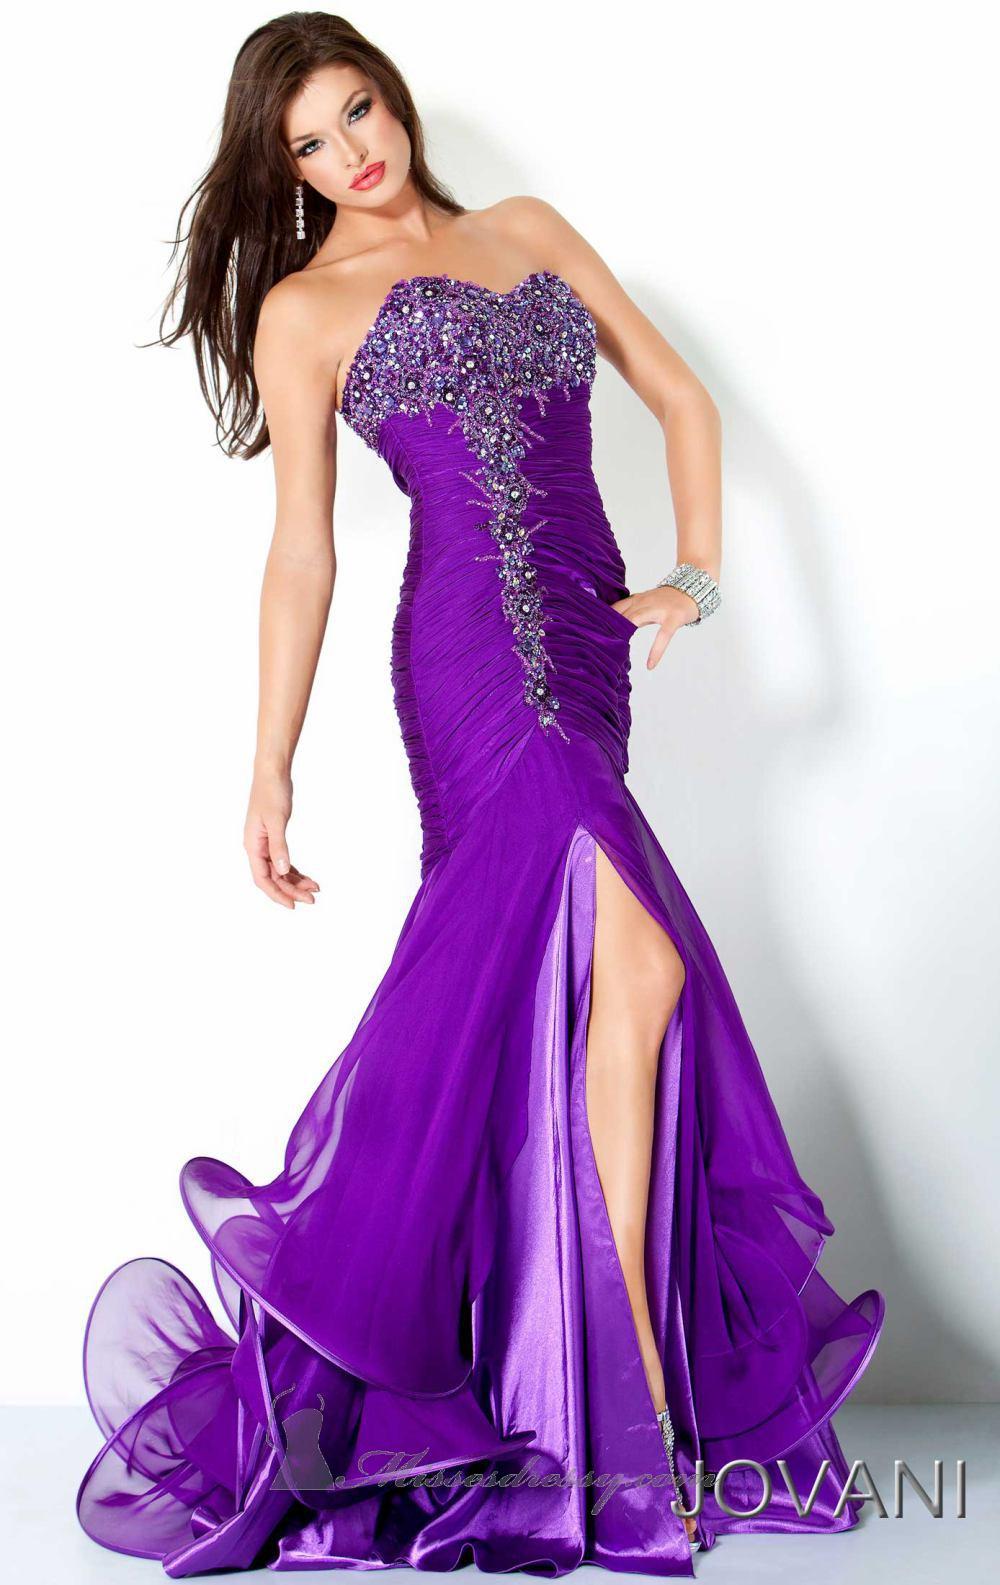 فساتين سهره جذابه , فساتين سهره طويله ,Evening Dresses new_1451934297_939.j